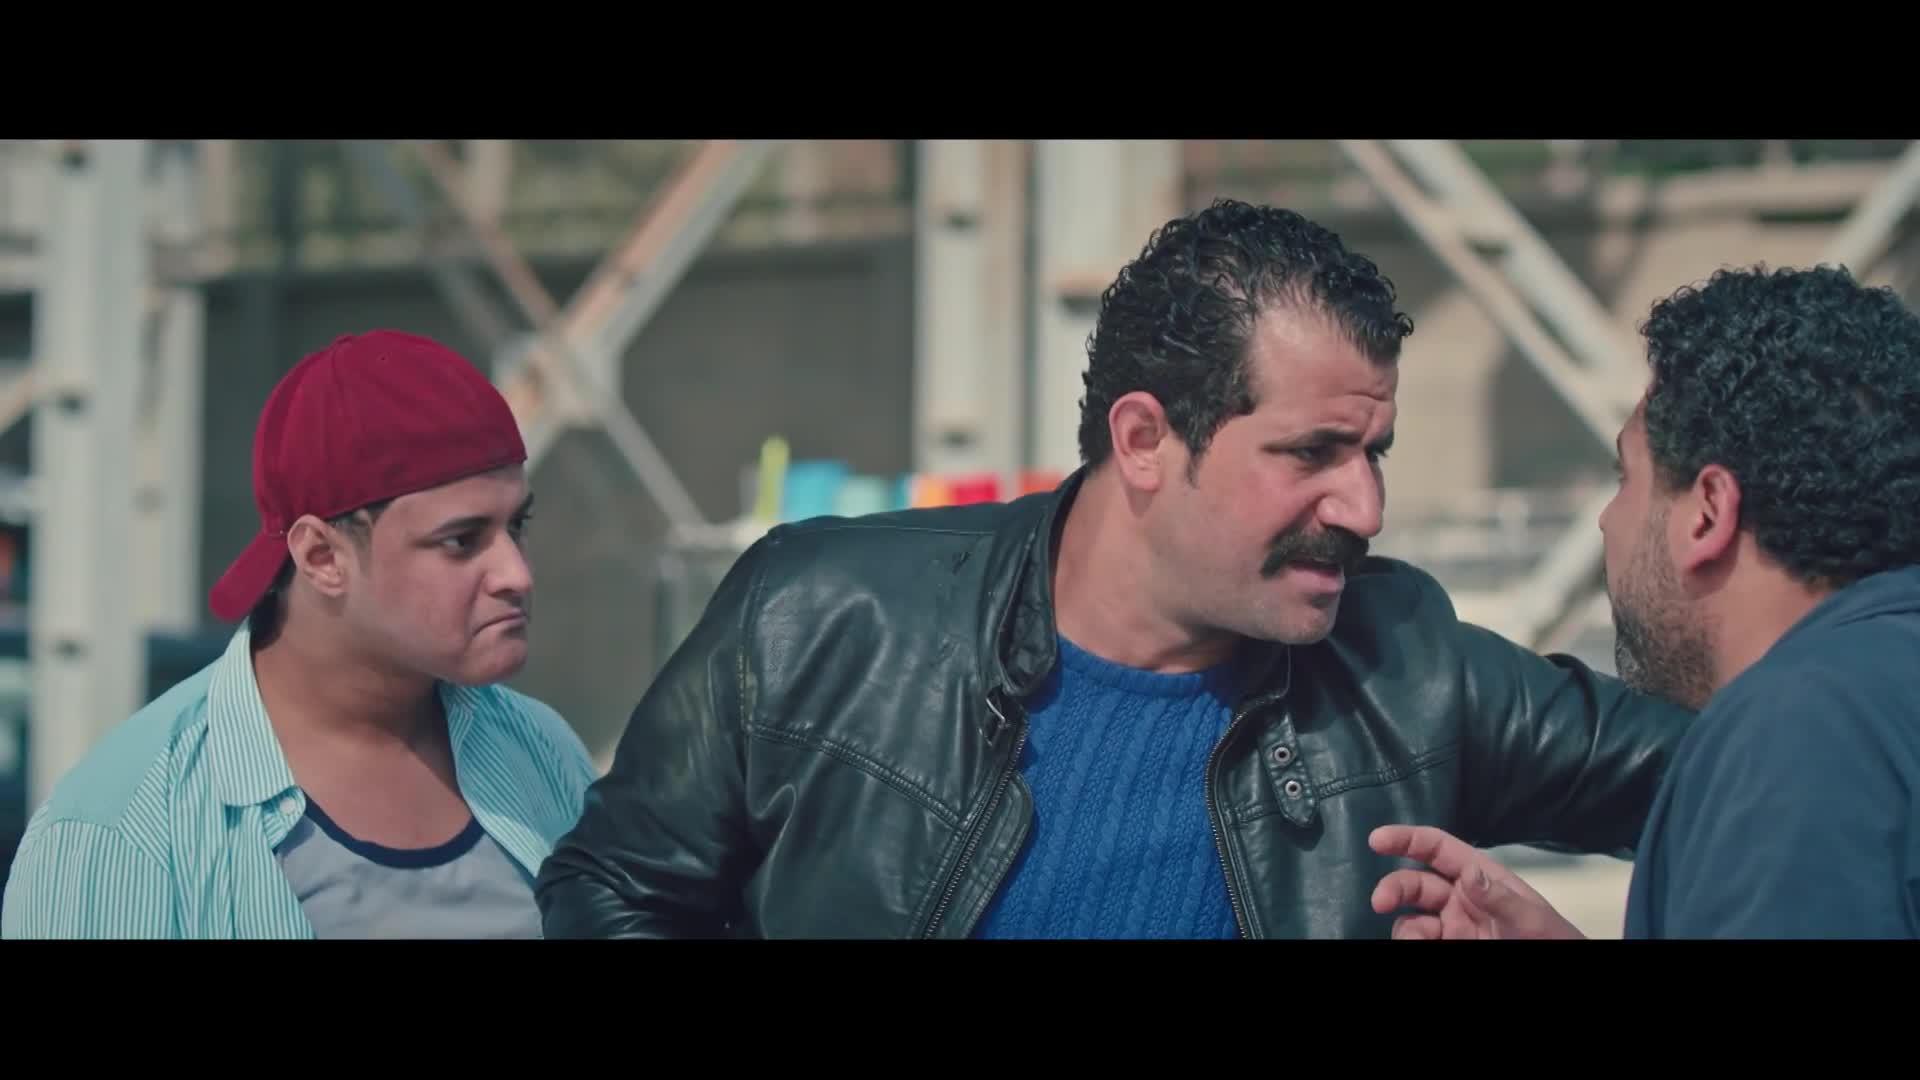 المسلسل المصري طلقة حظ [2019][WEB DL][1080p] تحميل تورنت 10 arabp2p.com